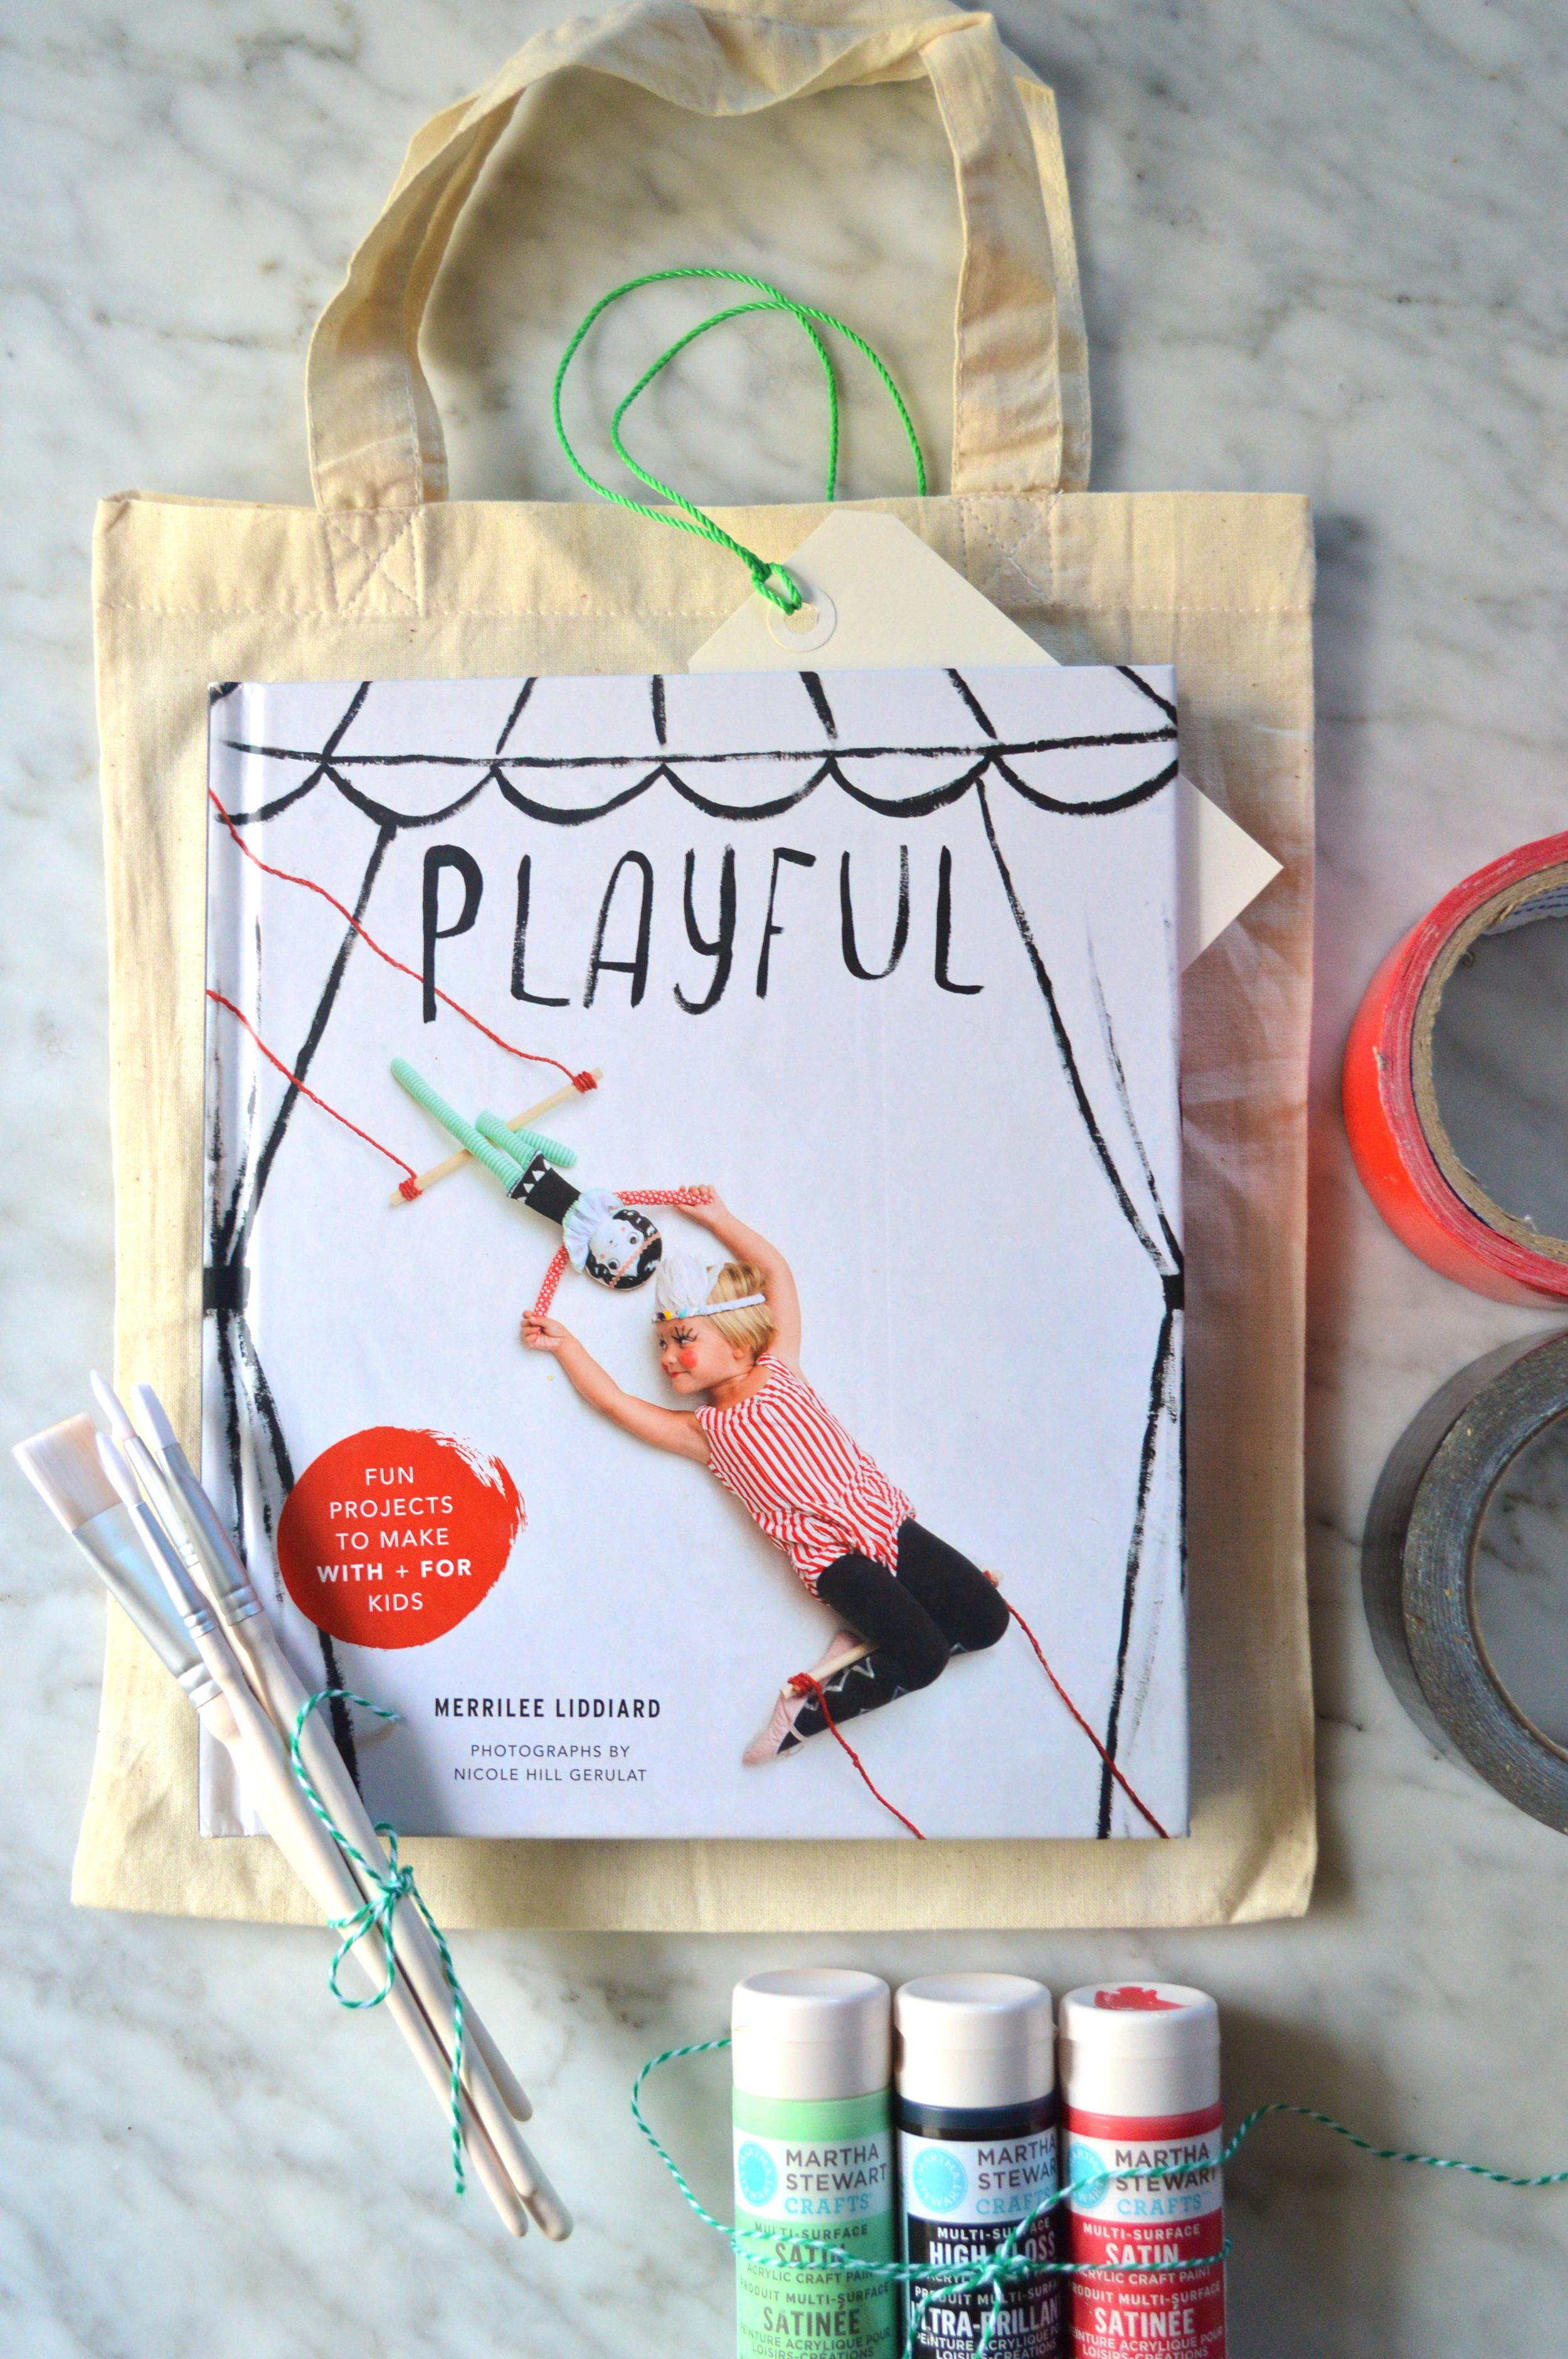 Playful-Gift